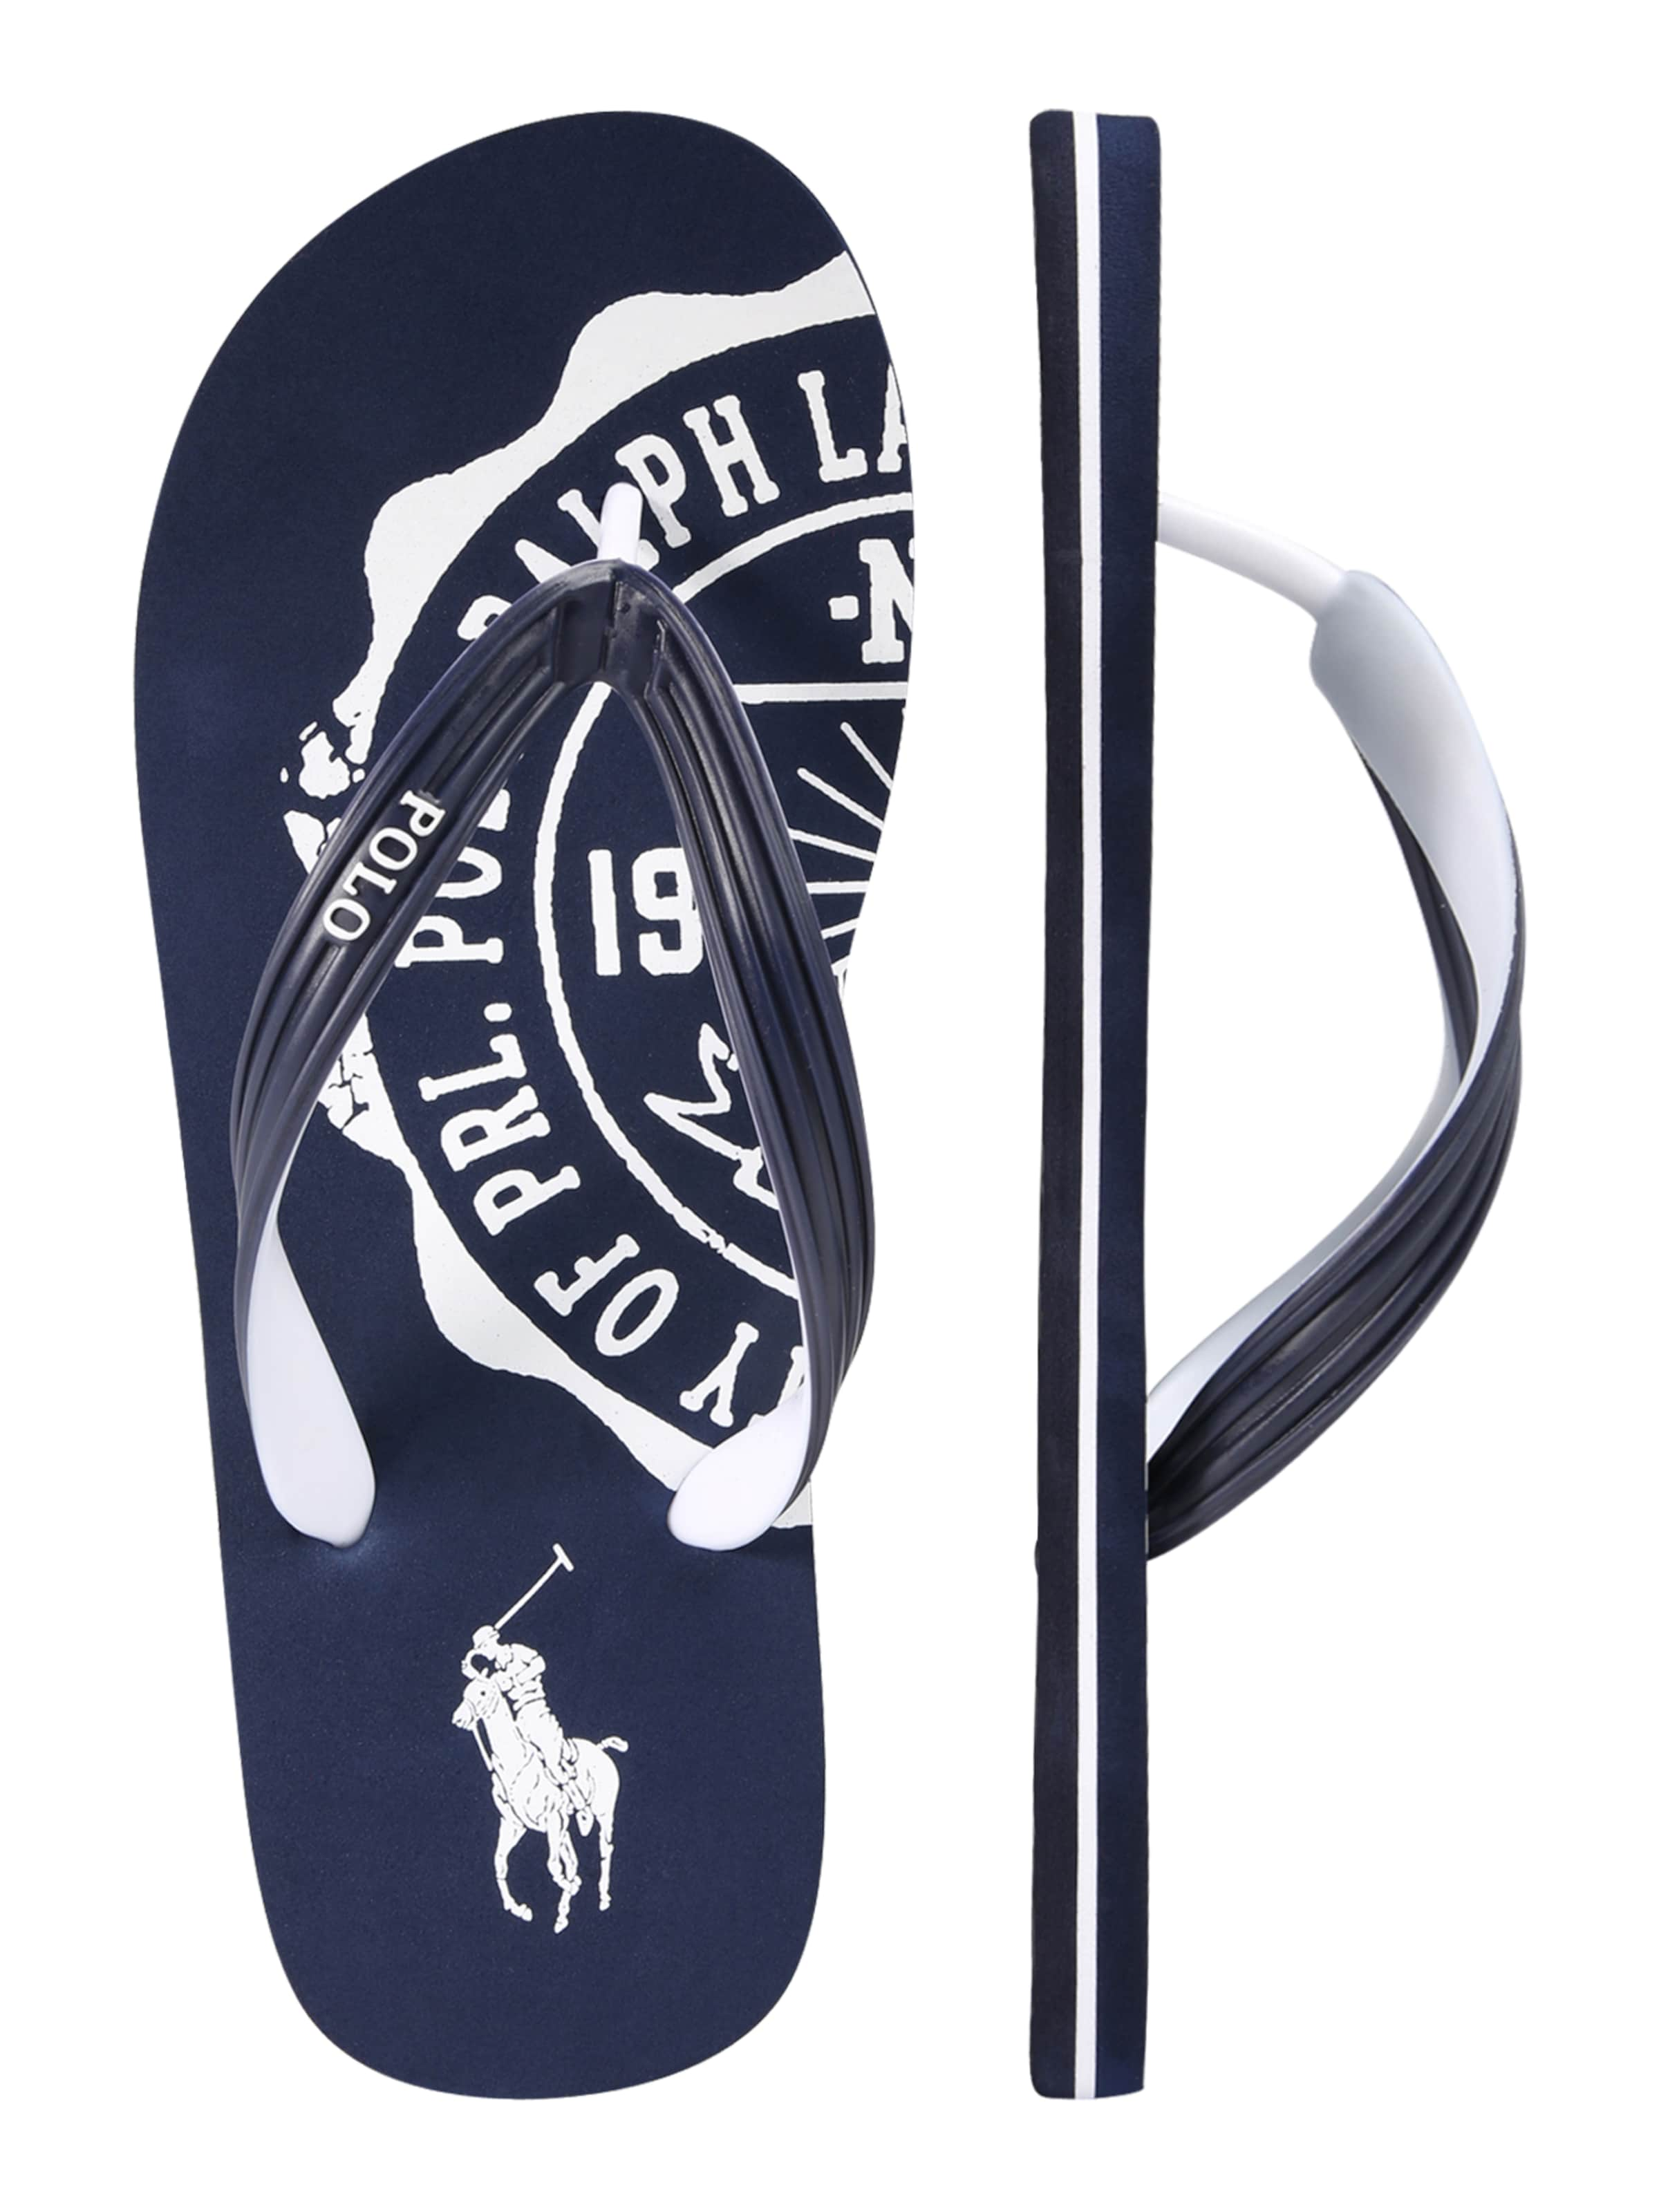 D'orteils Iii' Lauren Marine 'whtlbury Bleu Ralph En Séparateur Polo TJ5F1c3uKl